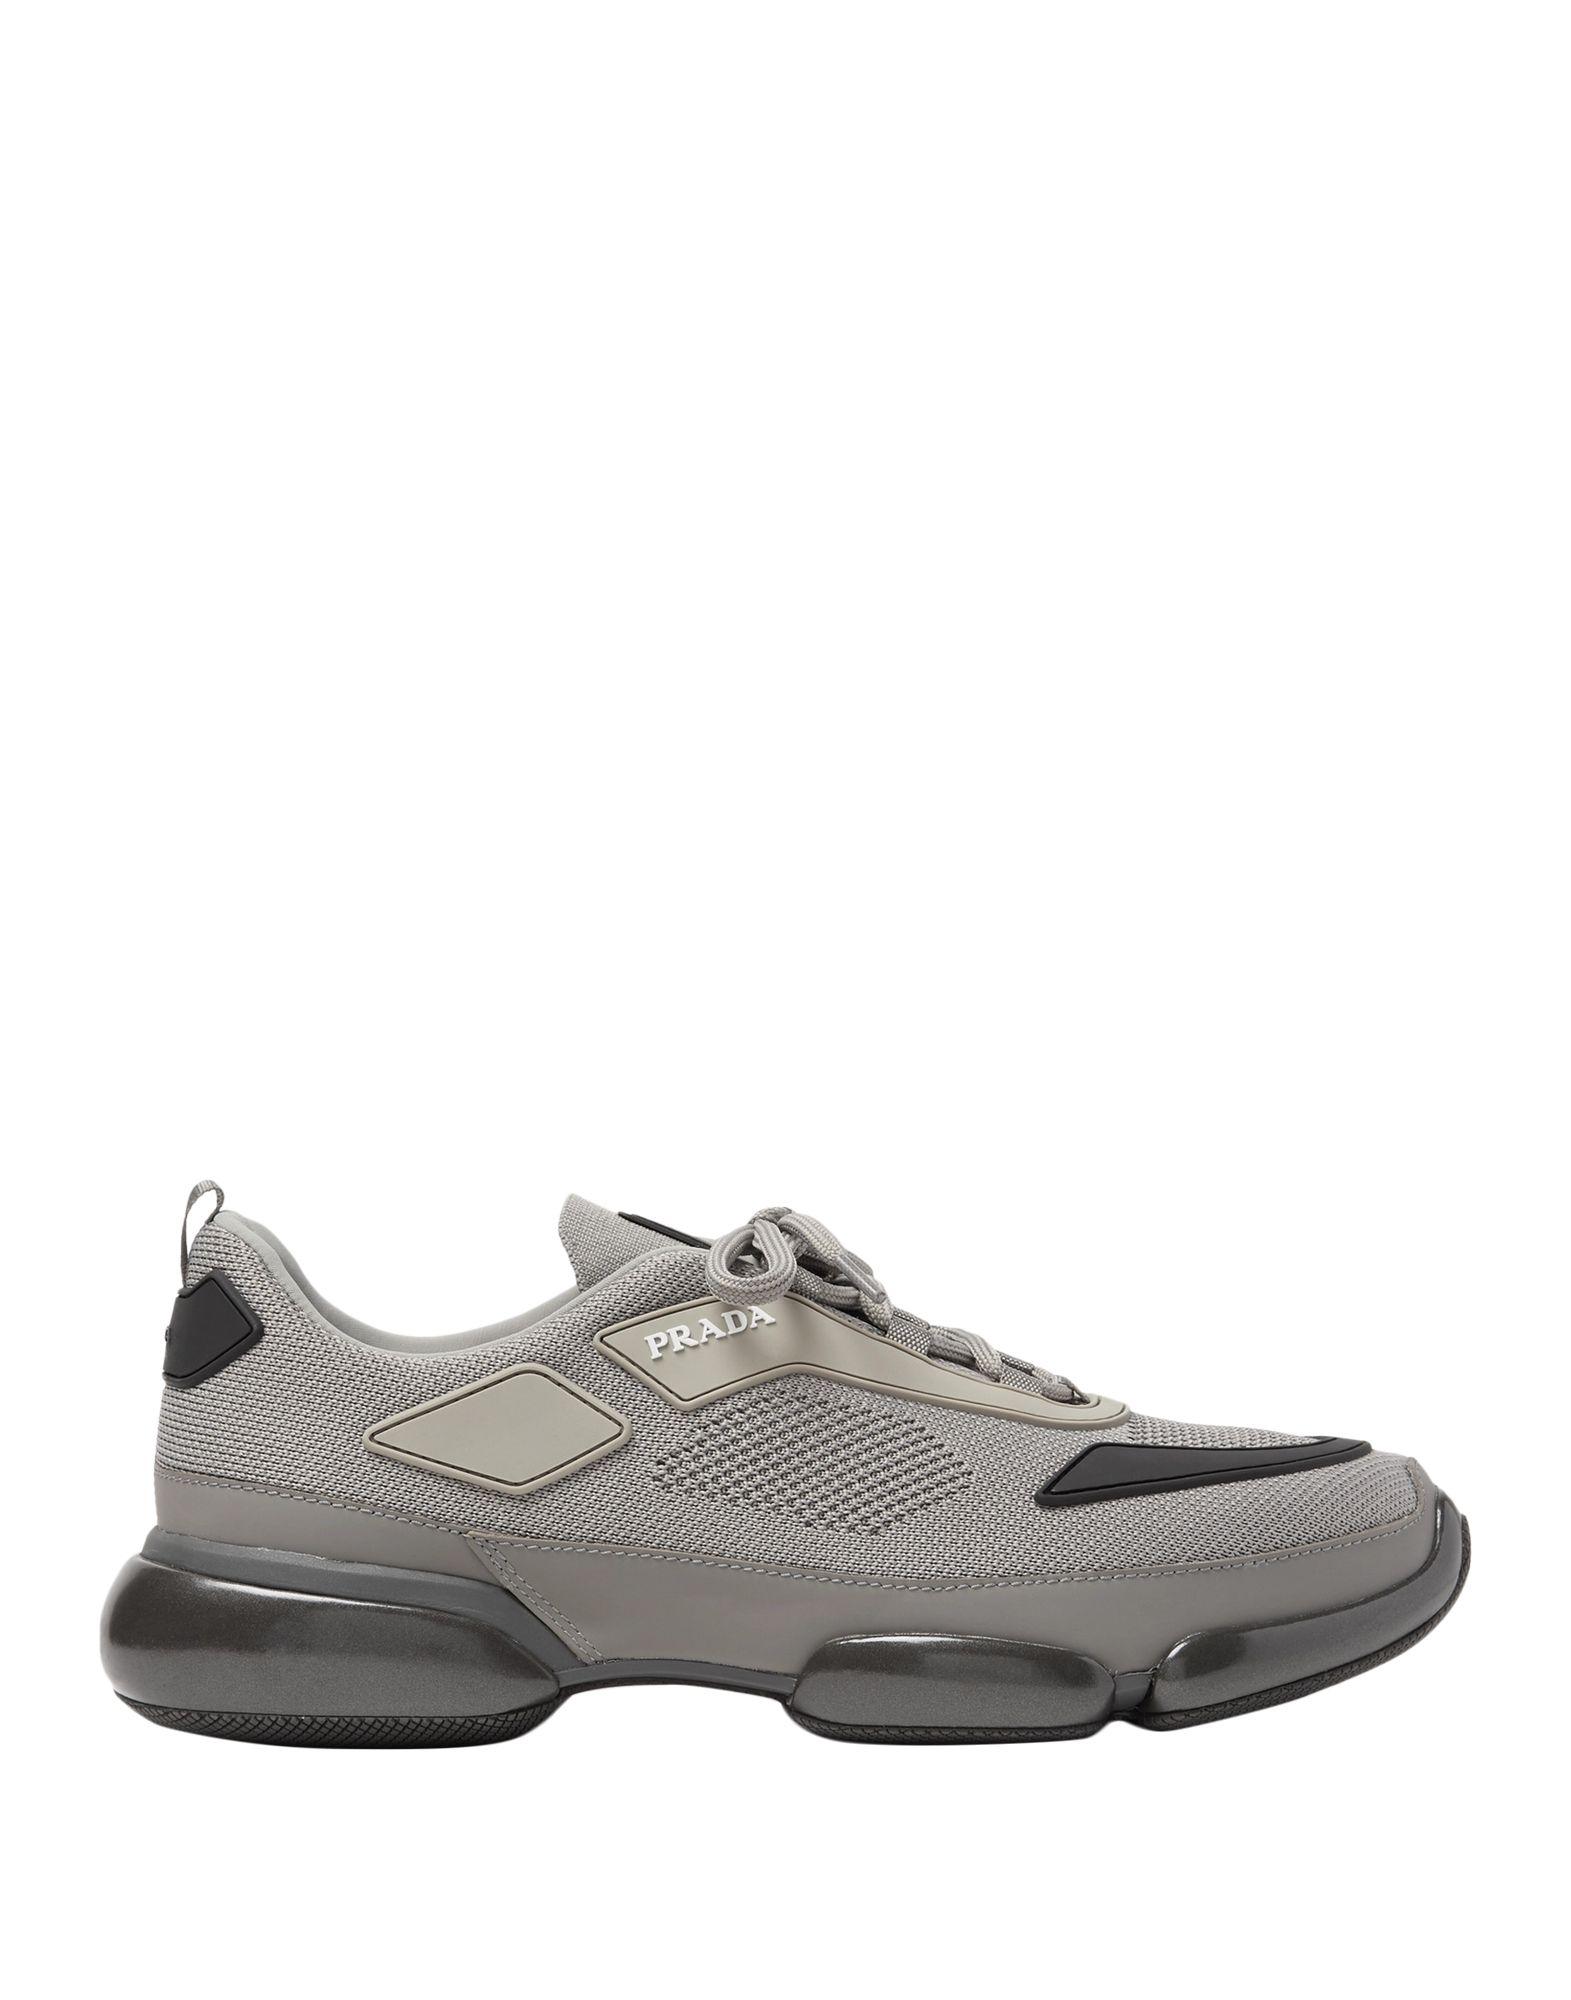 PRADA Low-tops & sneakers - Item 11660250